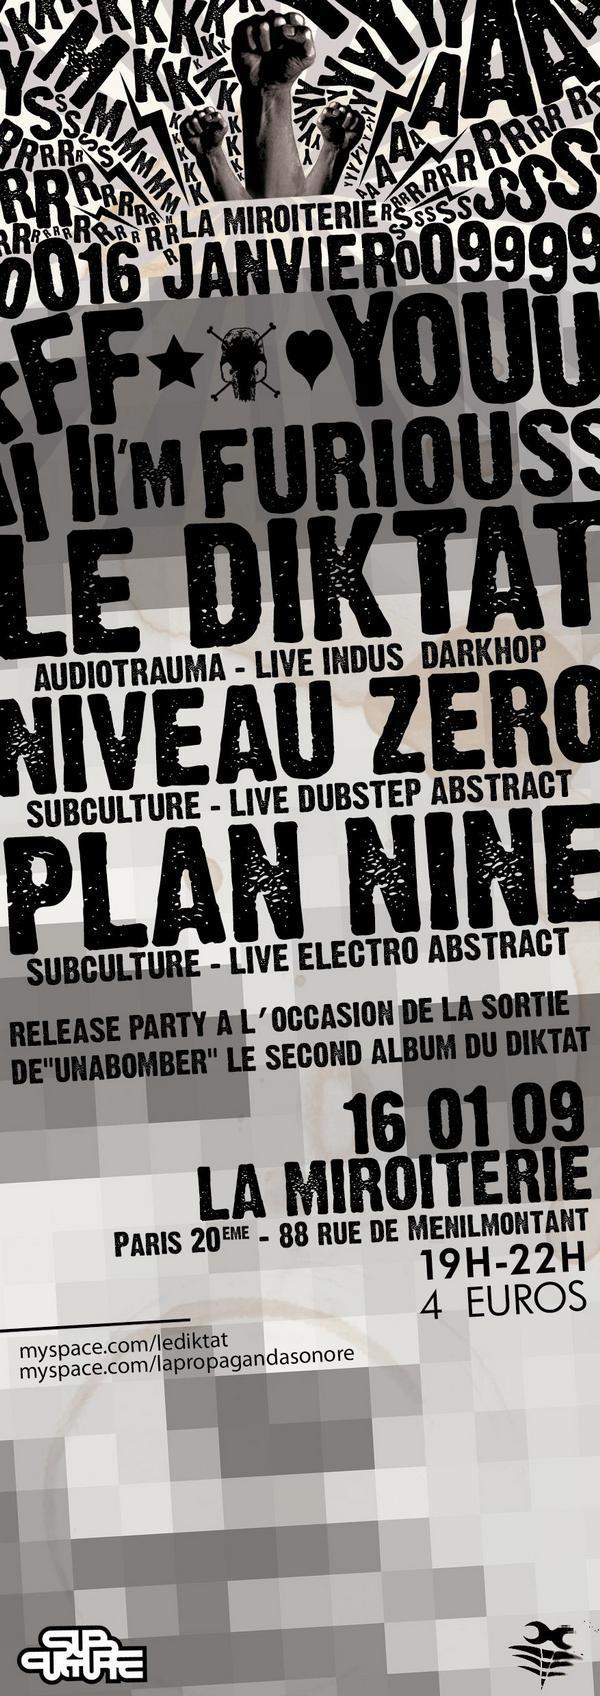 F*** YOU I'M FURIOUS ! : Le Diktat + Niveau Zero + Plan Nine @ La Miroiterie (Paris), le 16 Janvier 2009